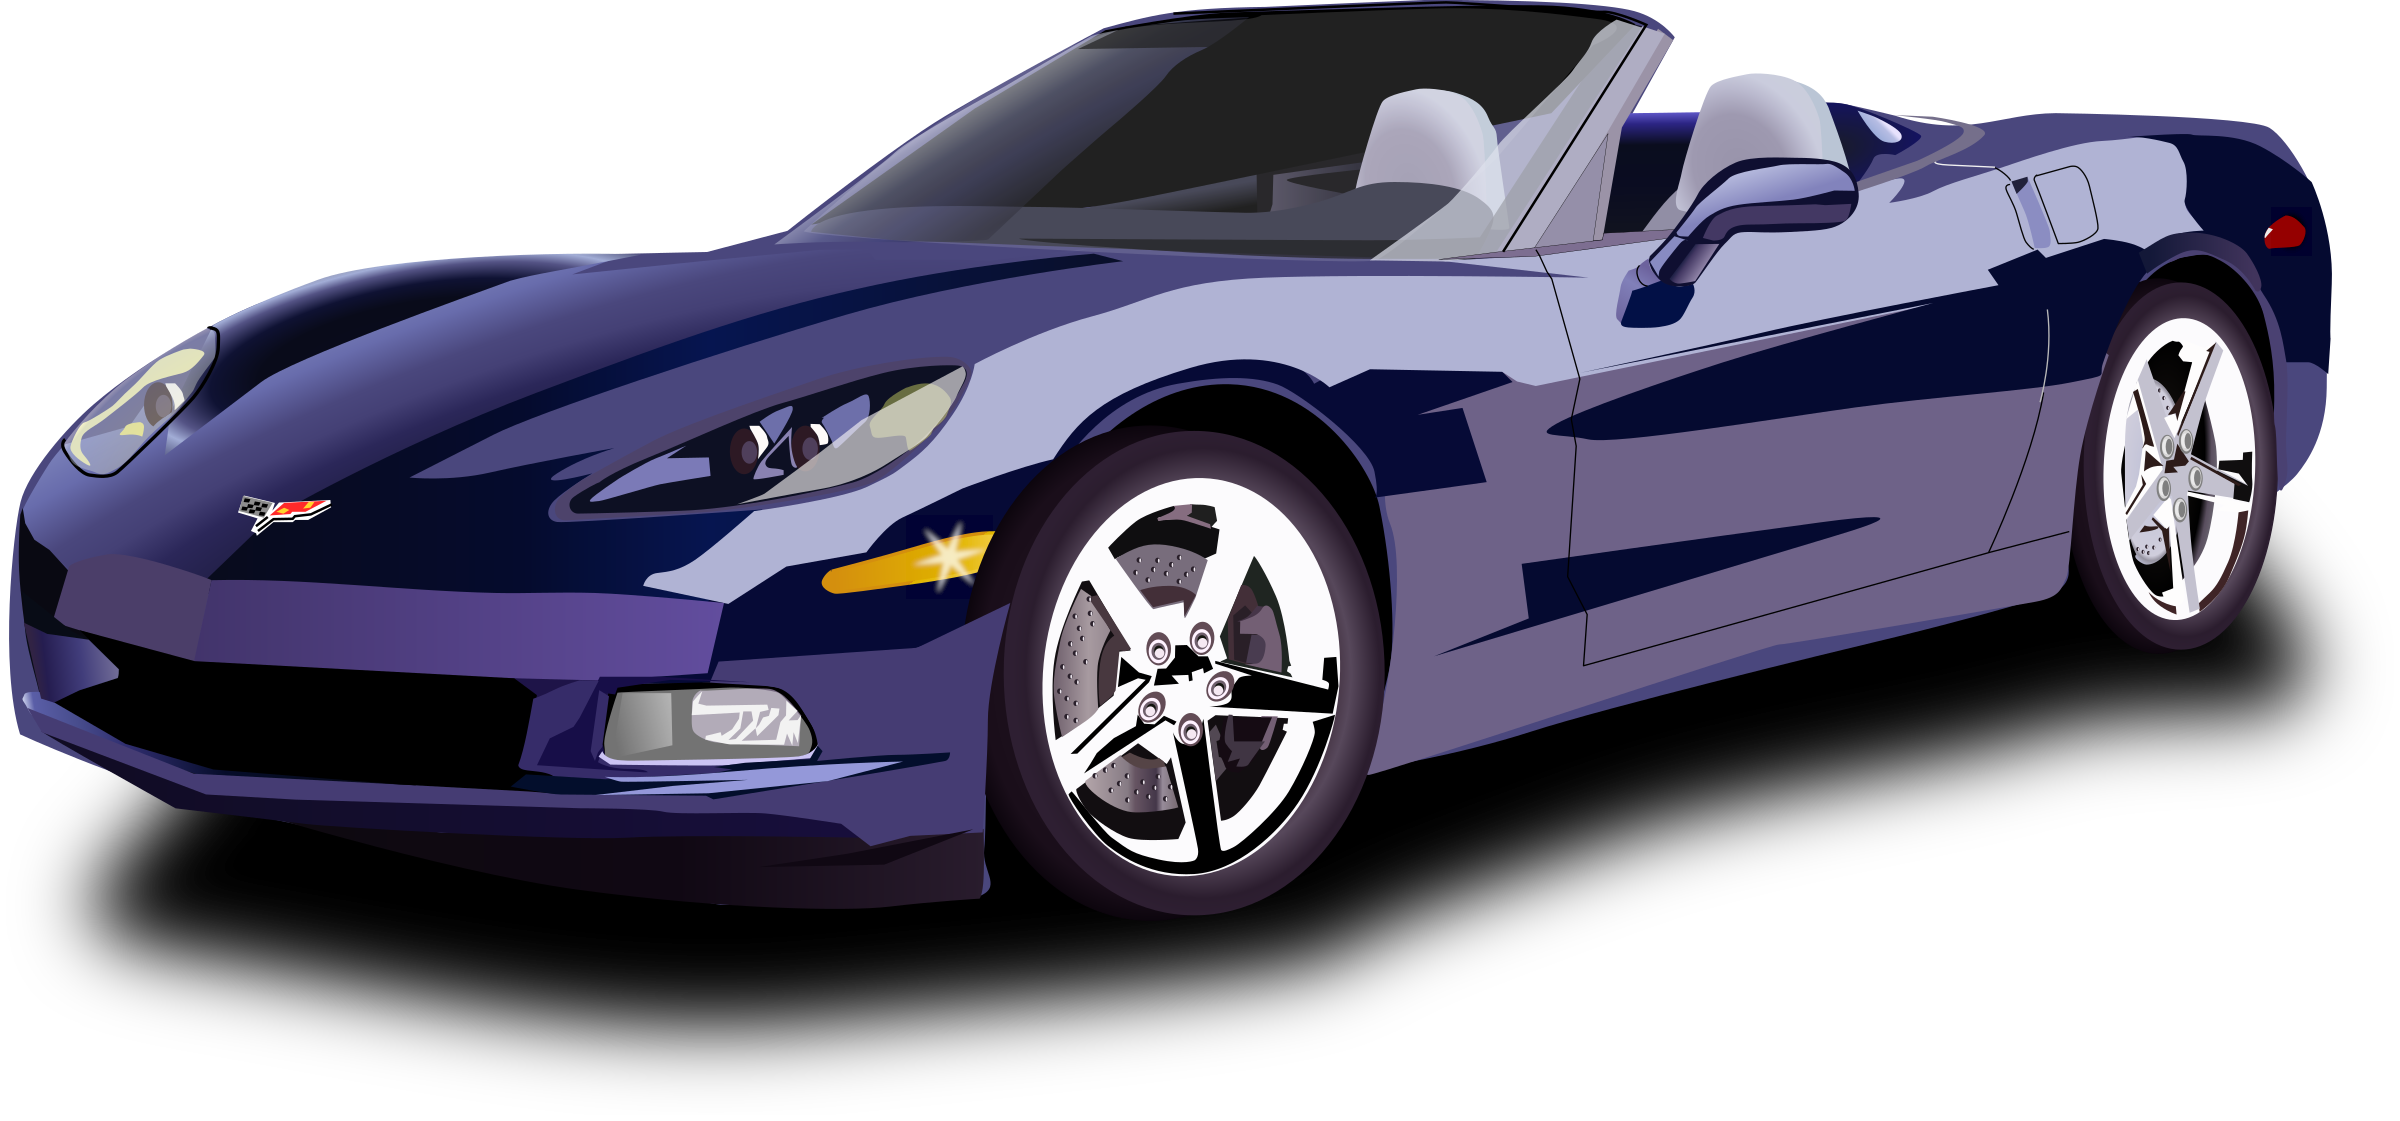 Clipart car sport. Big image png